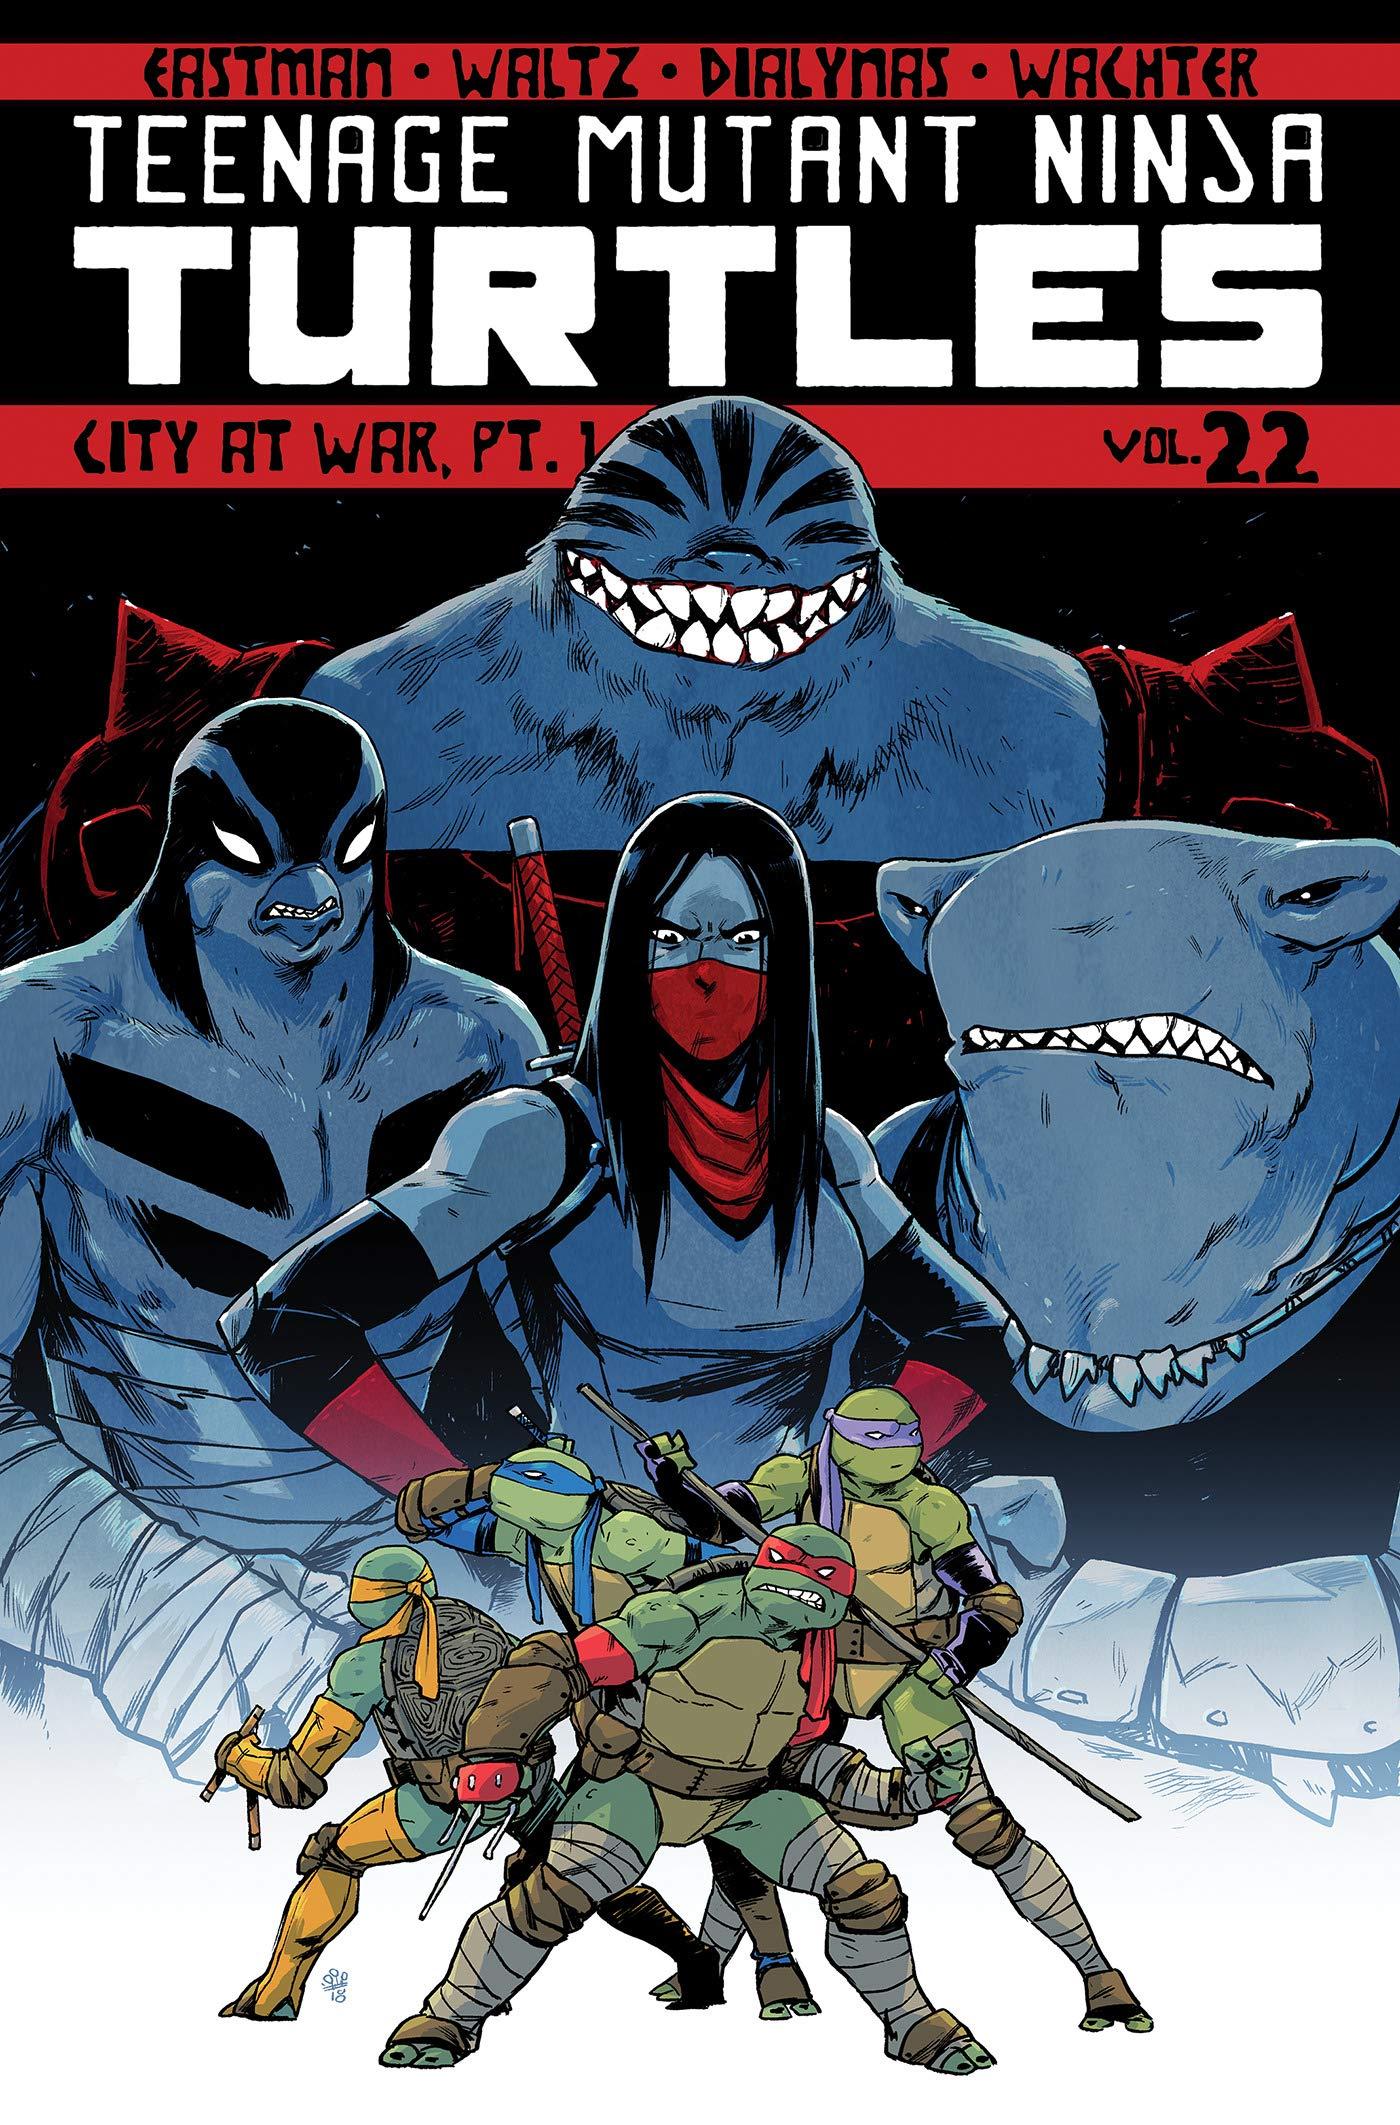 Teenage Mutant Ninja Turtles Volume 22: City At War, Pt. 1 ...